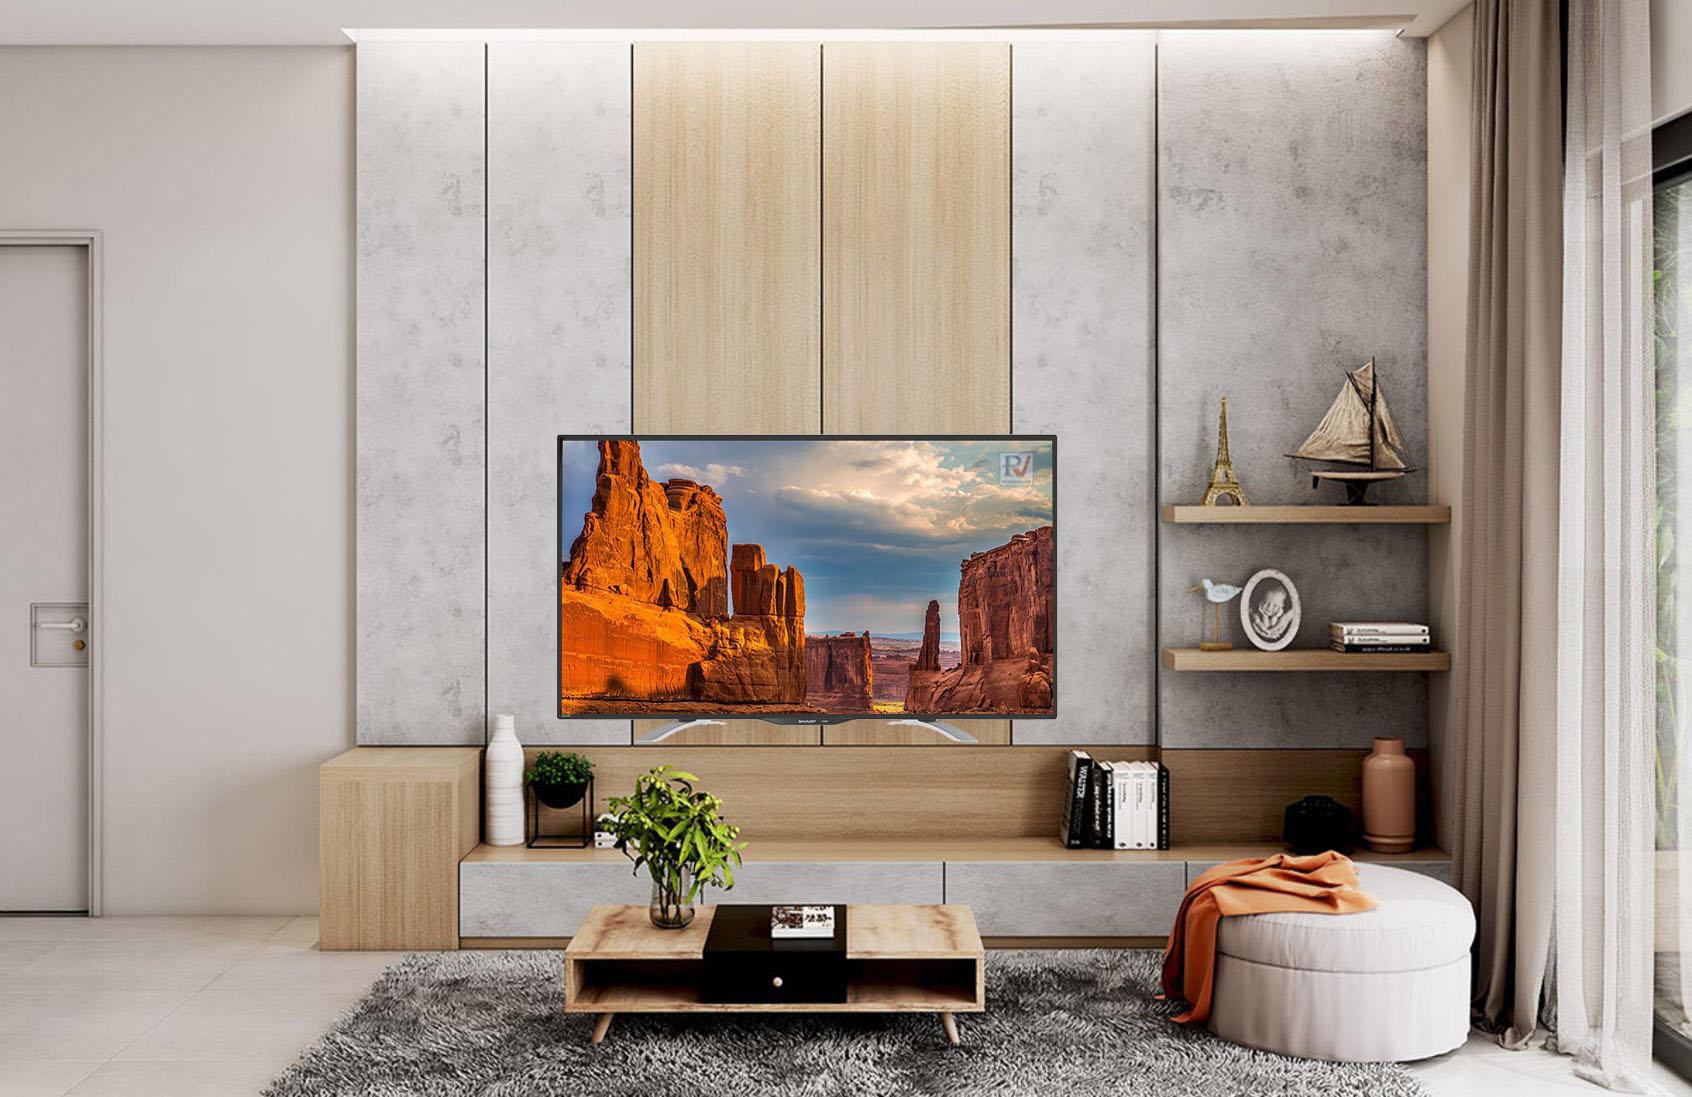 Tivi Sharp 4K 40 inchLC-40UA330X thiết kế đẹp phù hợp với mọi không gian